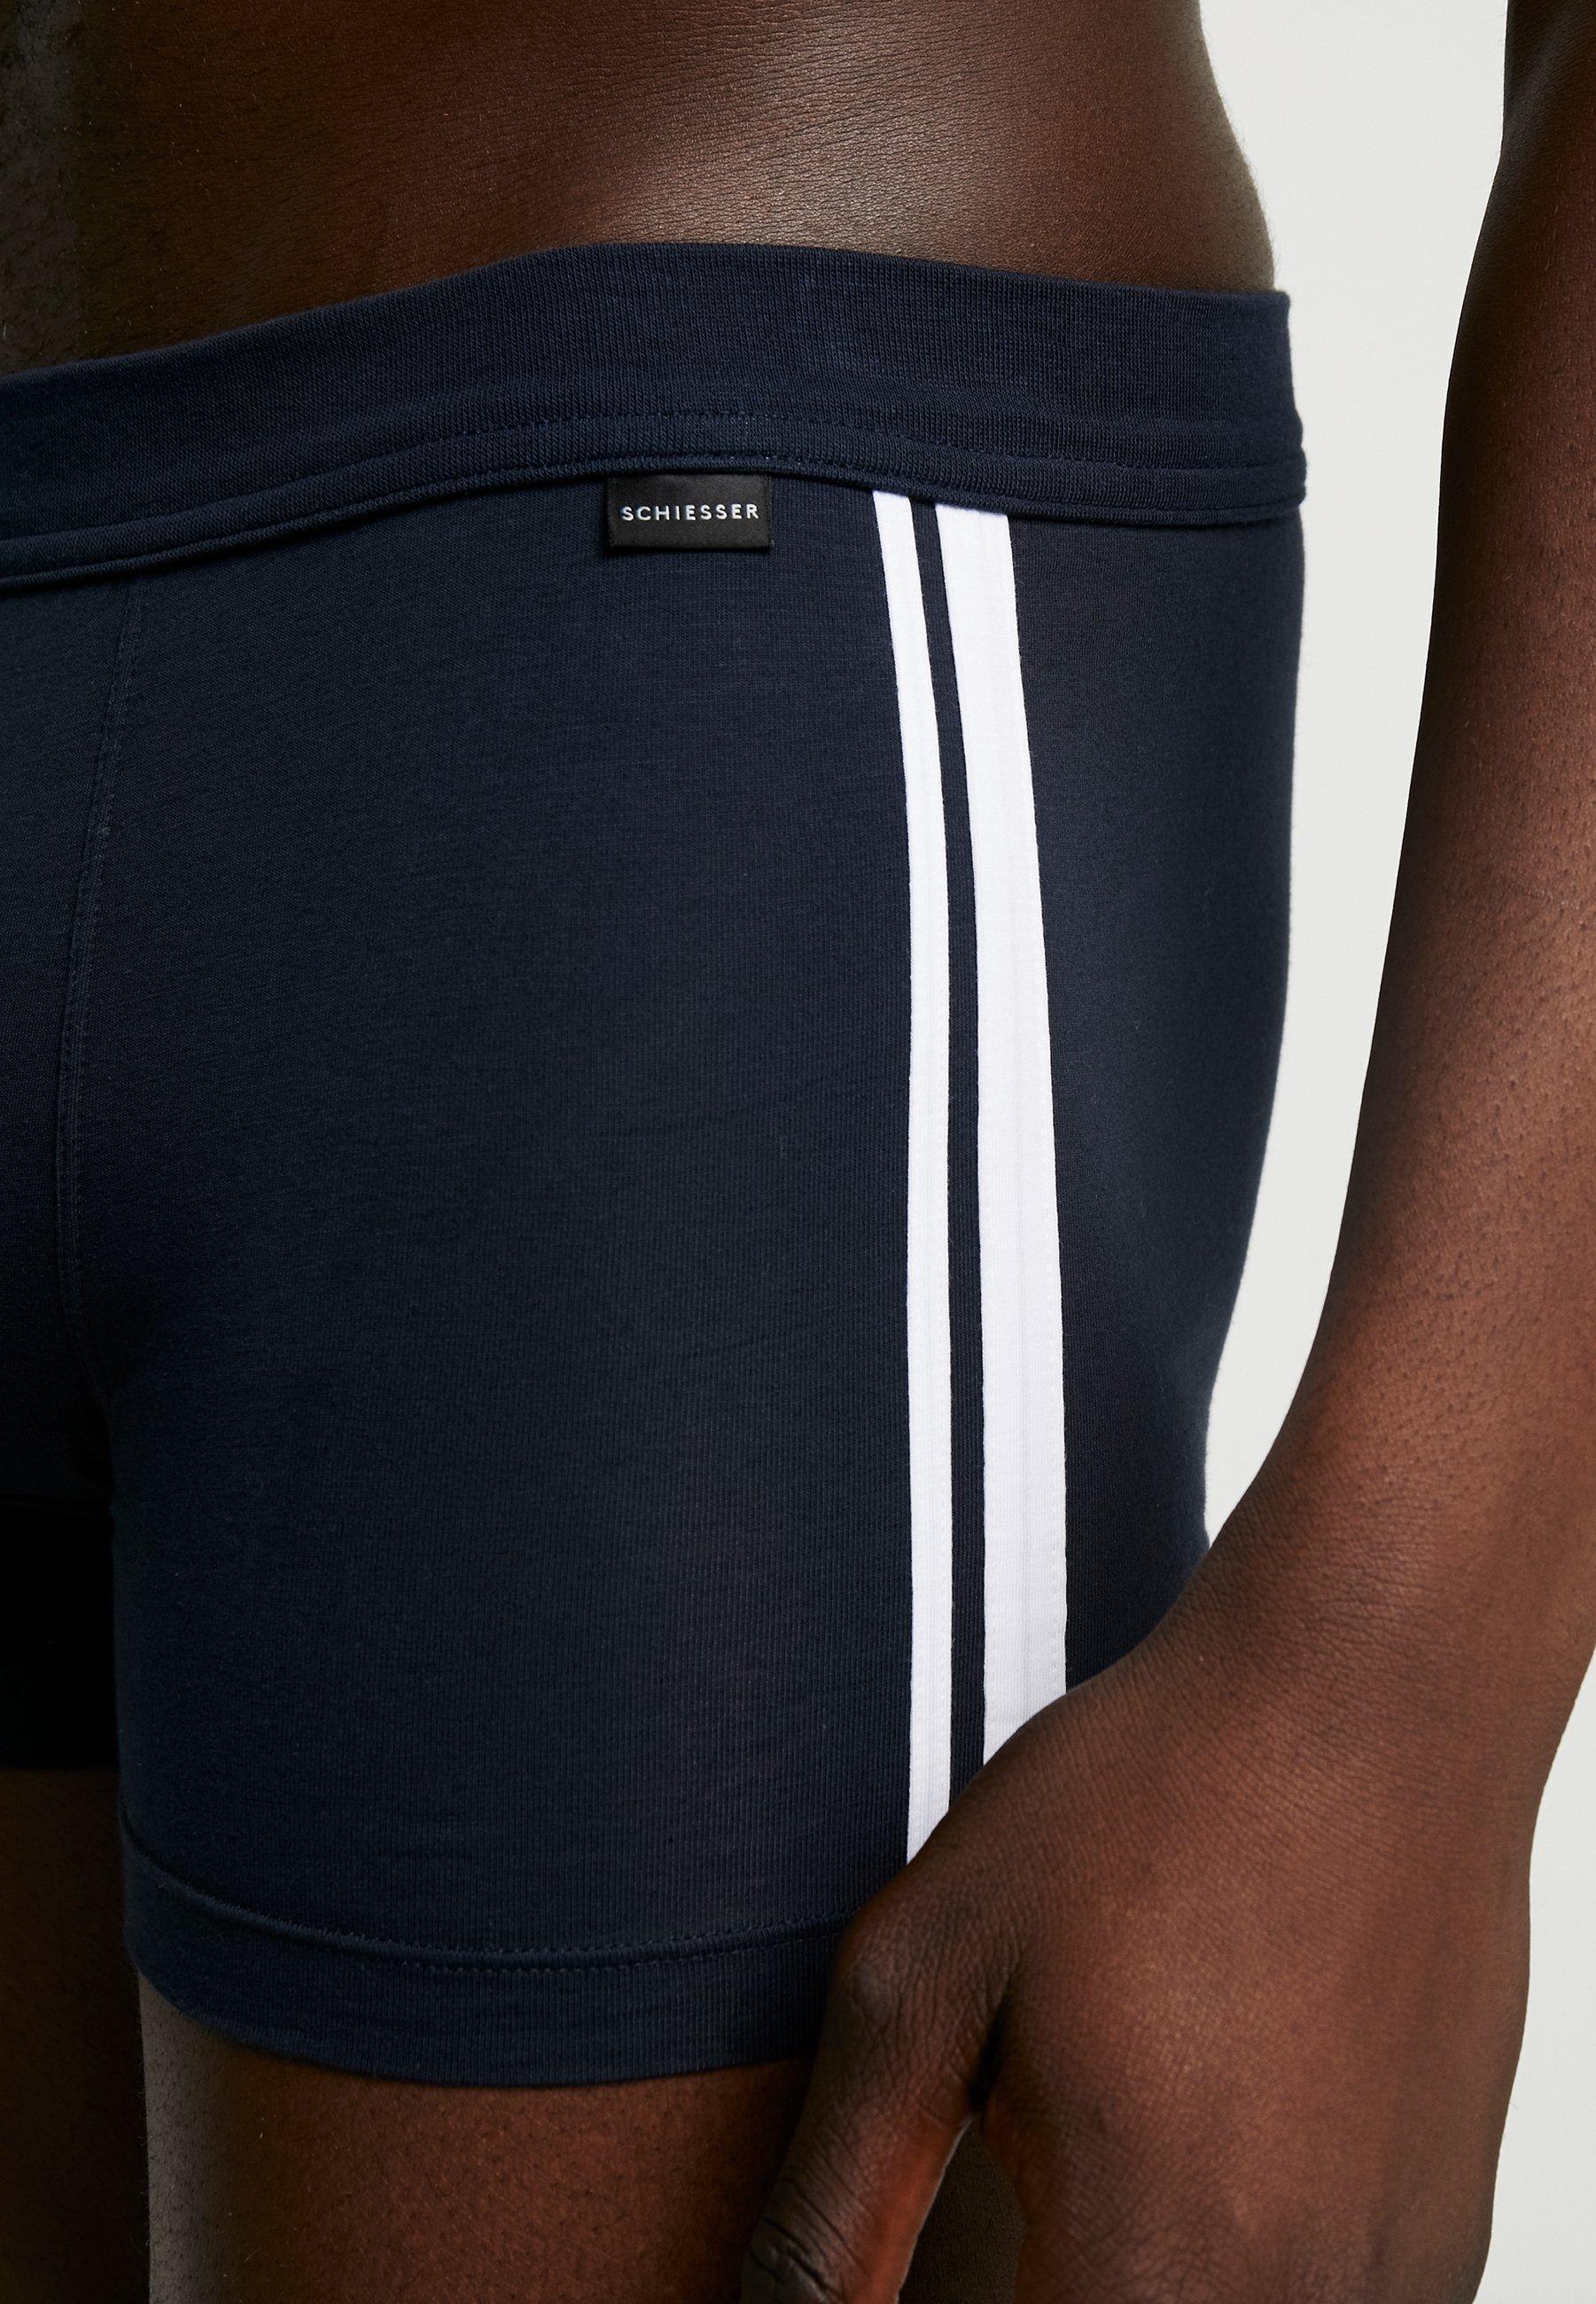 Schiesser 2 PACK - Panty - dark blue - Odzież męska 2020